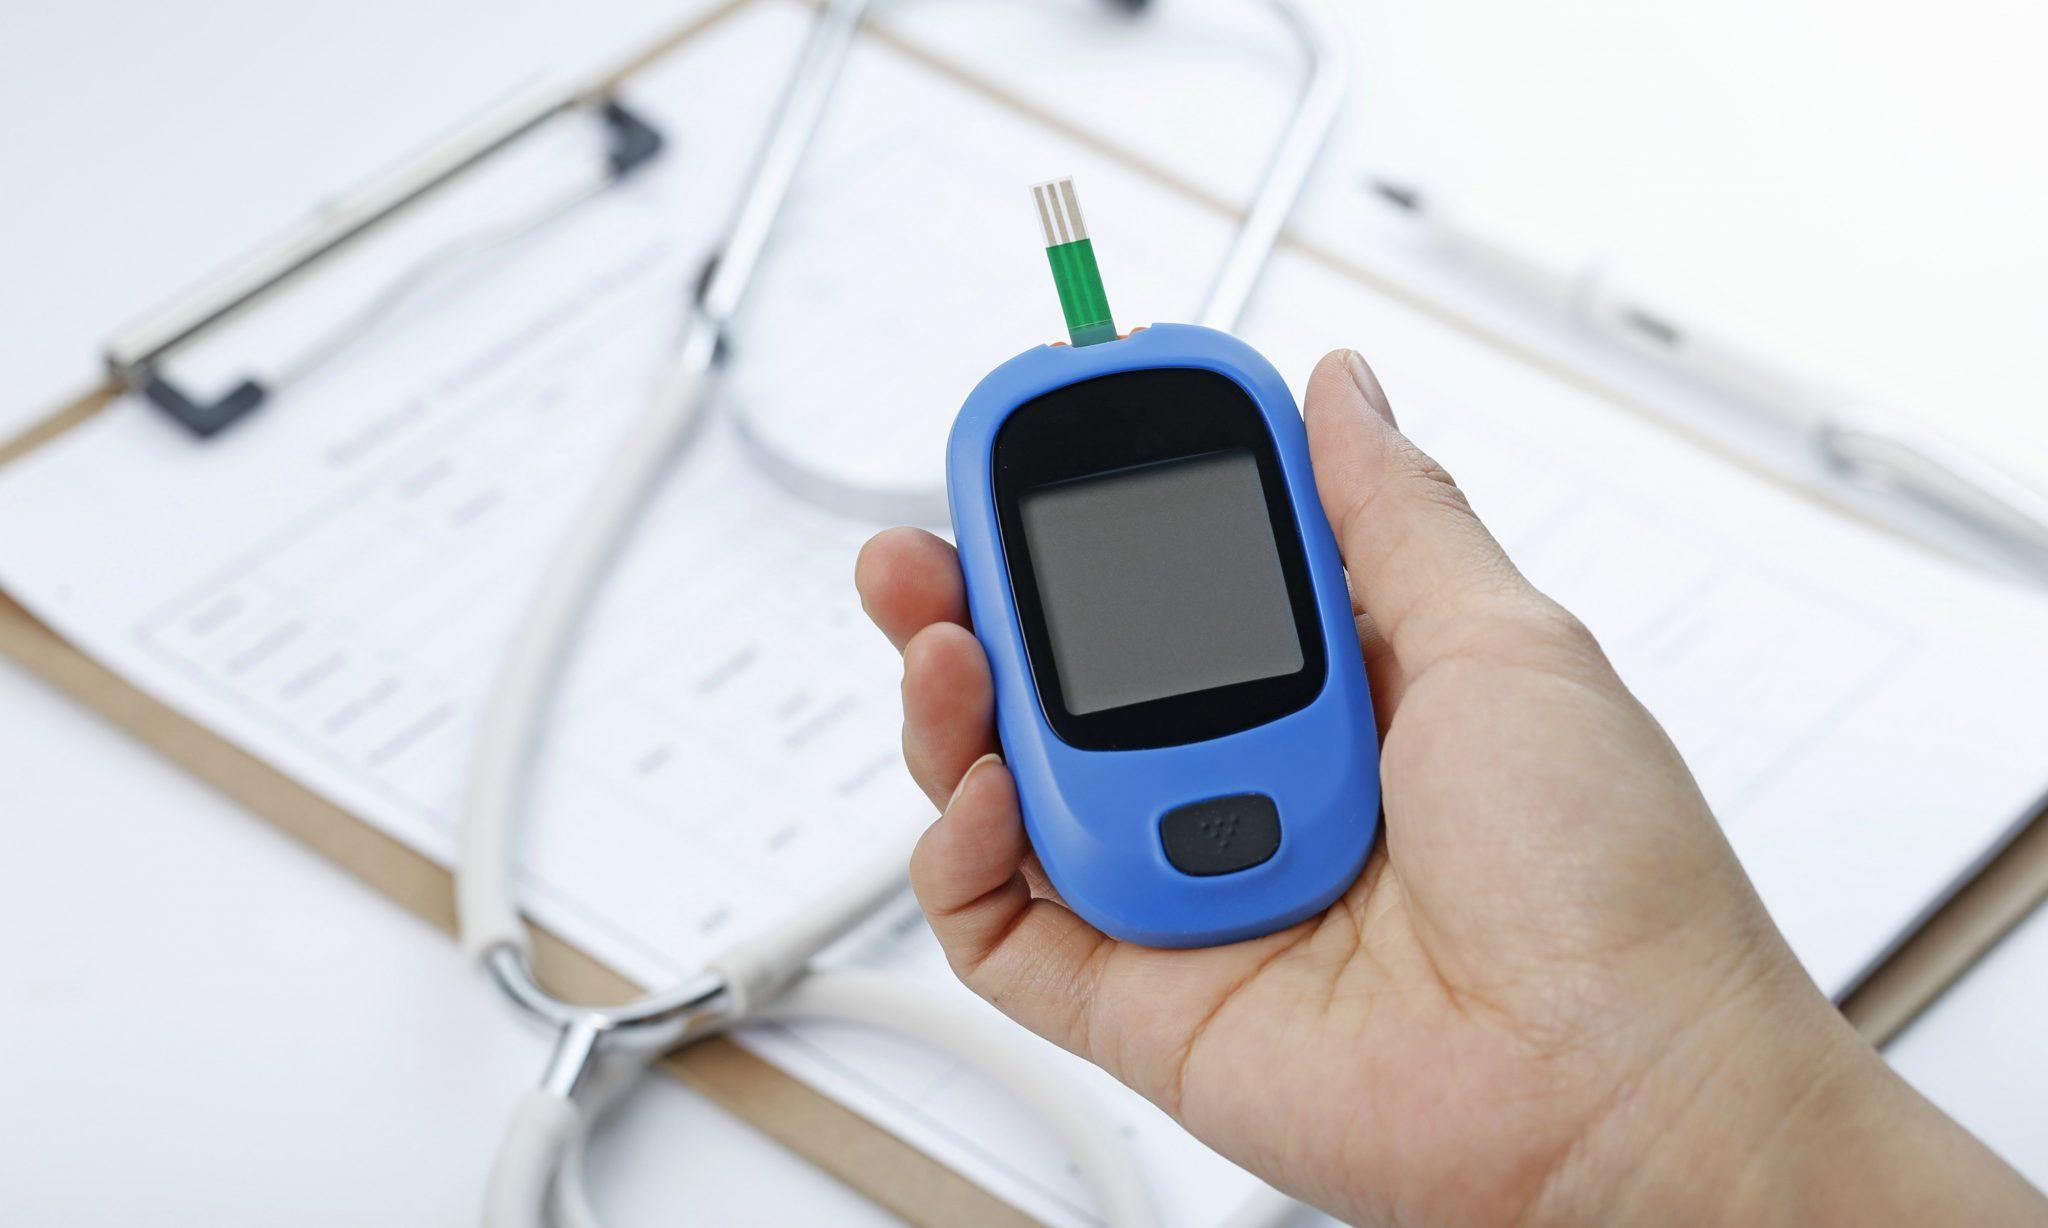 Lei garante que pessoas com diabetes podem medir glicose em farmácias